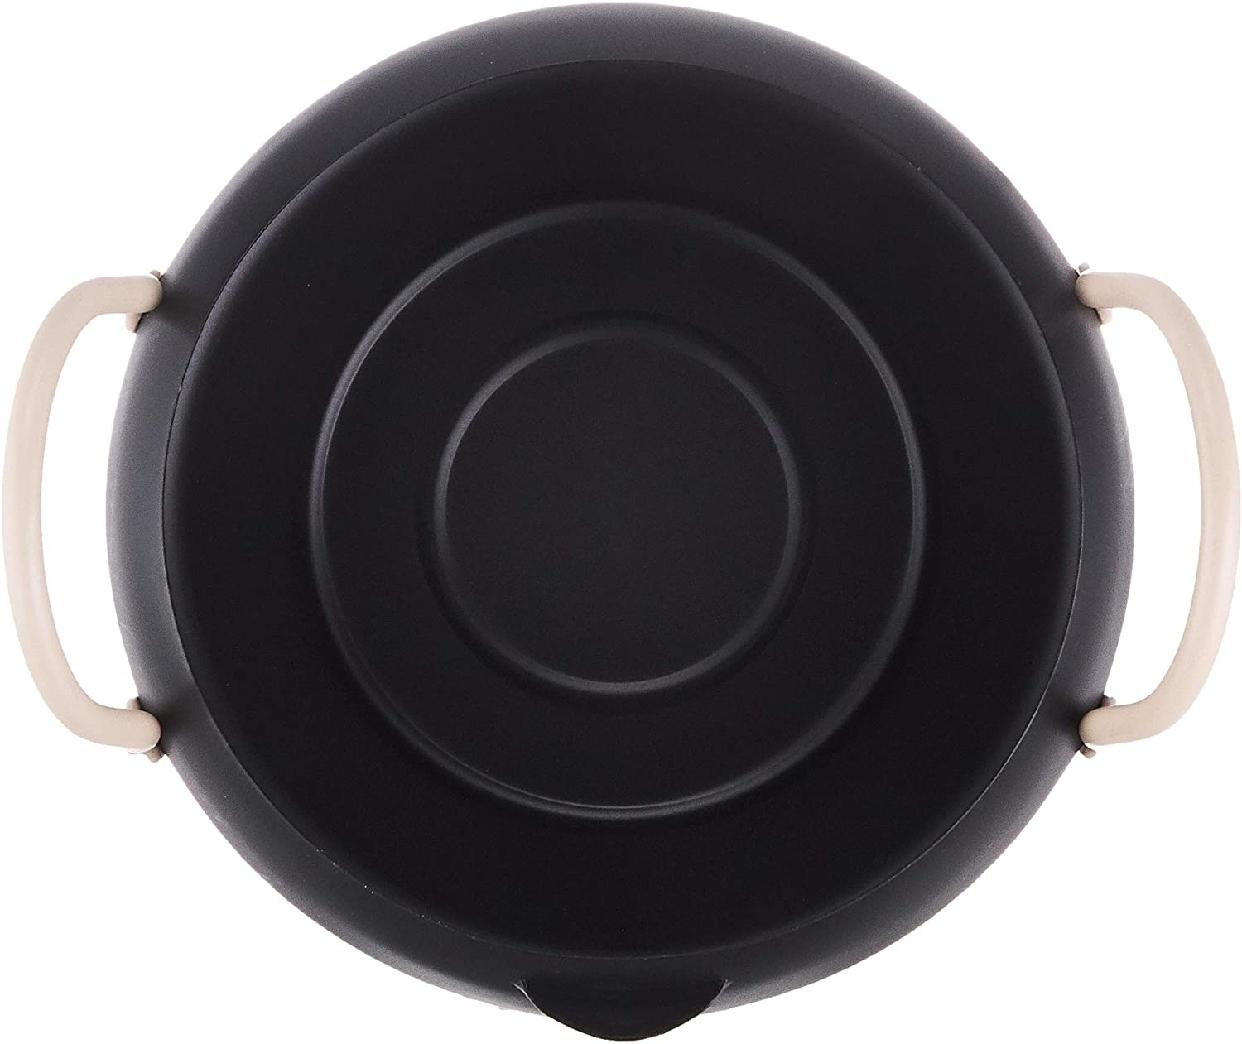 パール金属(パールキンゾク)オベ・フラ お弁当用鉄製蓋付両手フライ鍋16cm ブラック HB-283の商品画像3